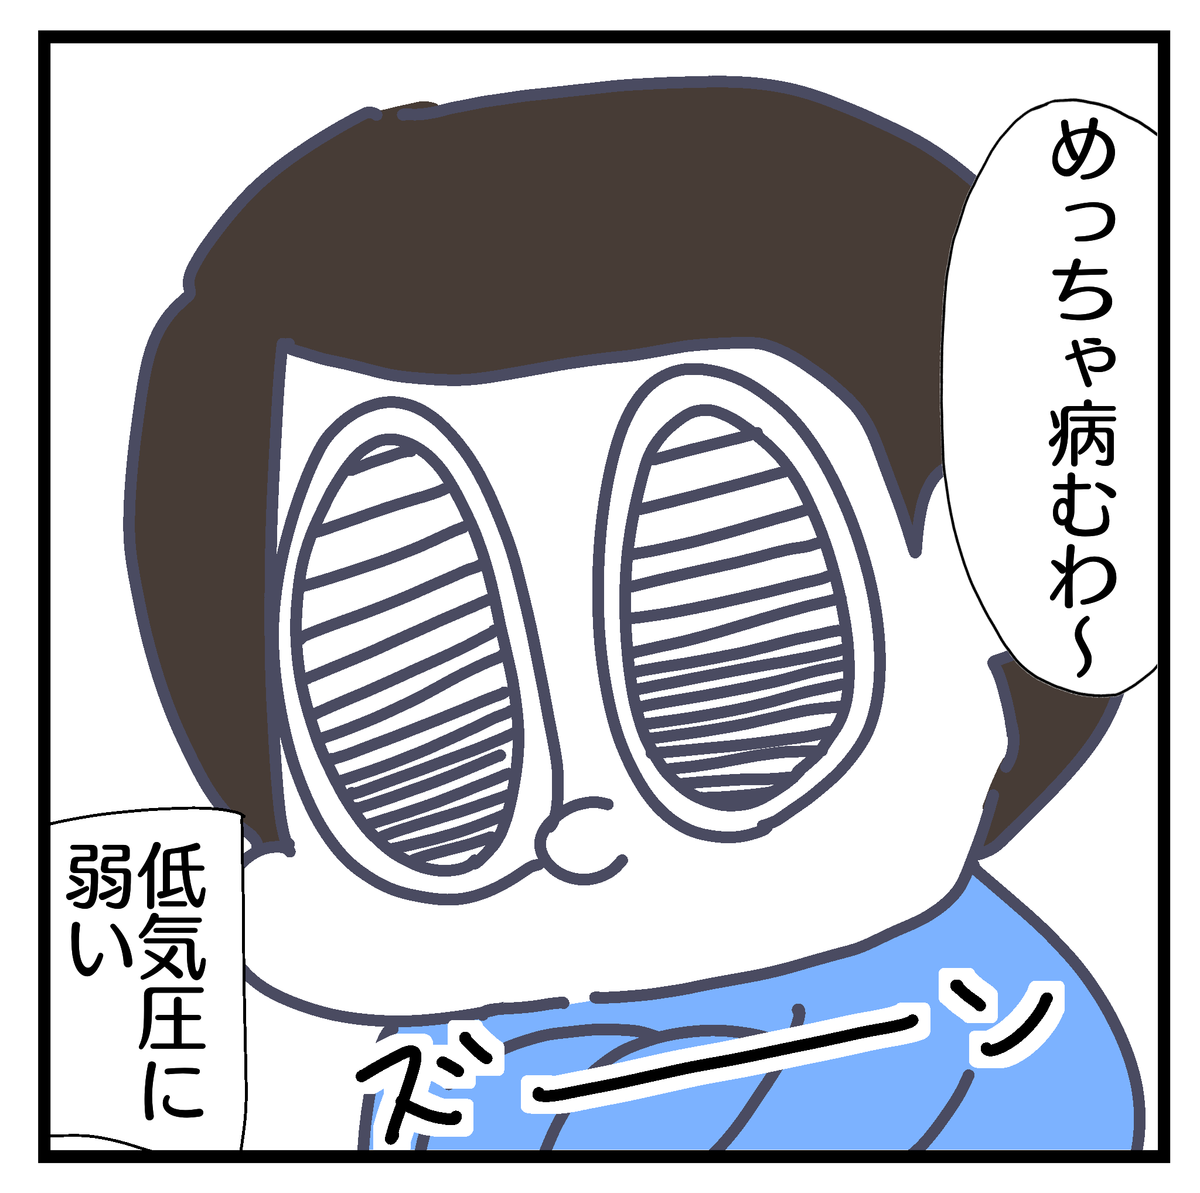 f:id:YuruFuwaTa:20200602112443p:plain